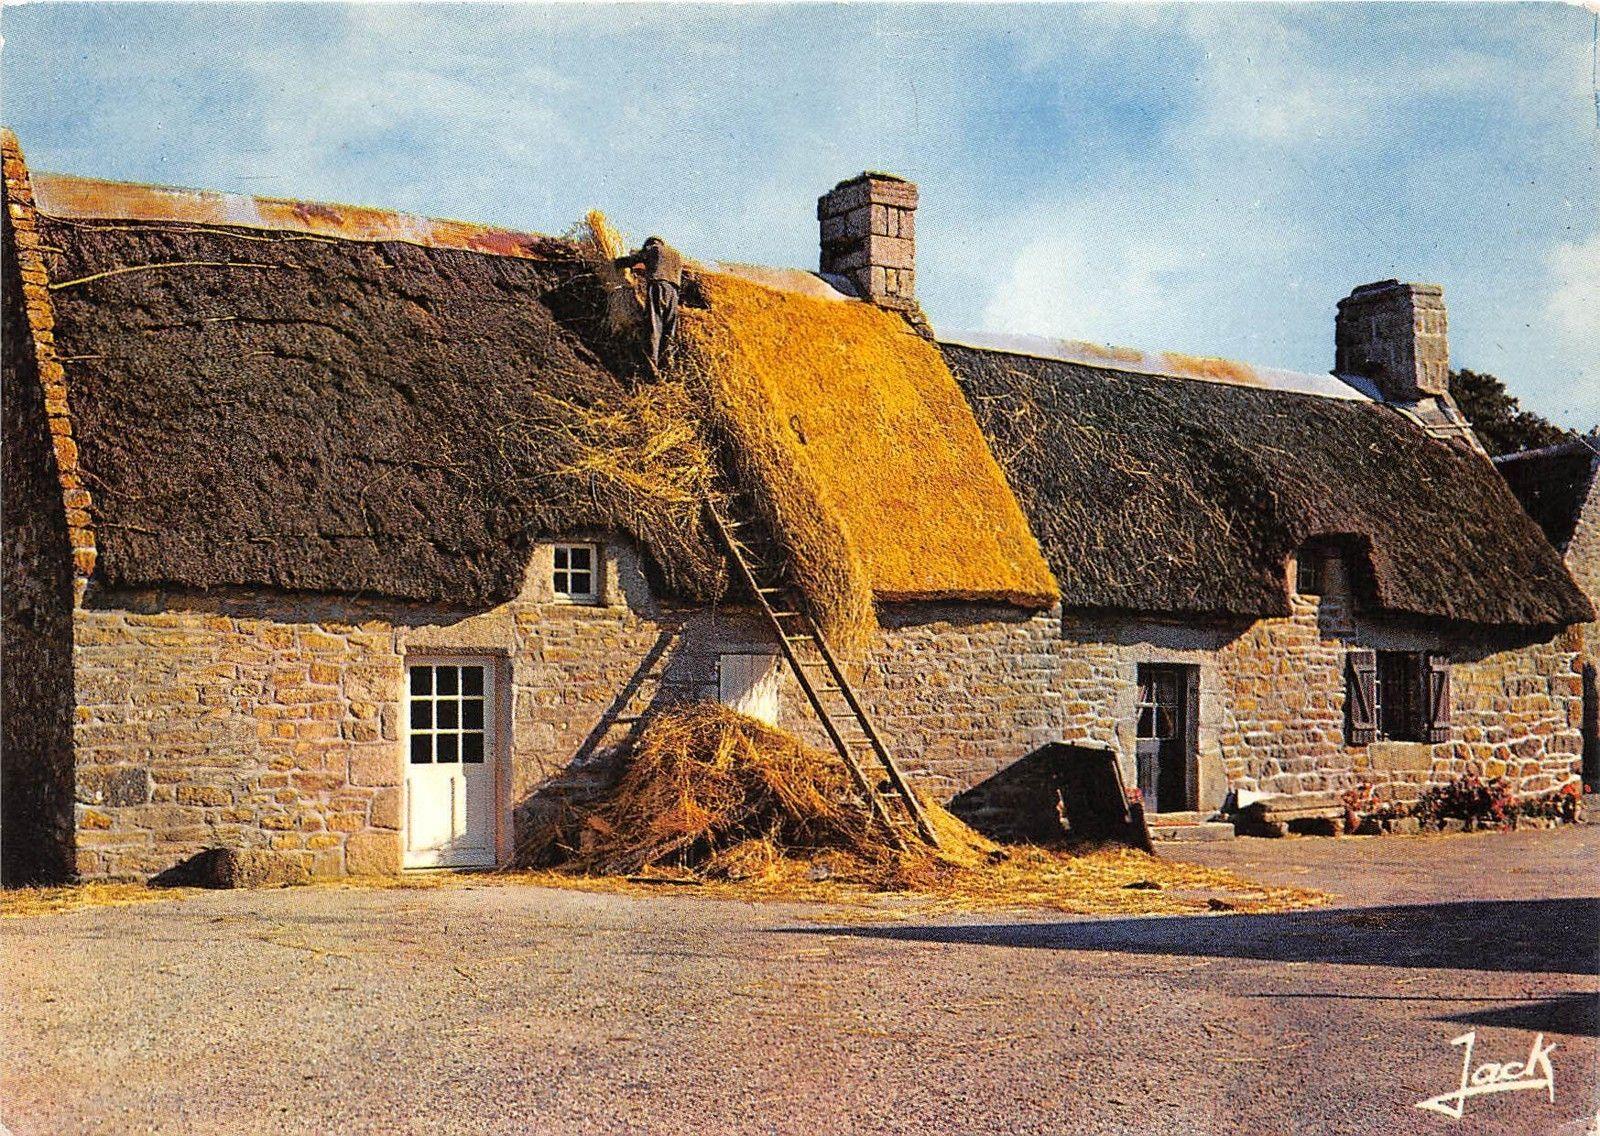 Maison Toit De France b53027 bretagne typical thatched house maison au toit de